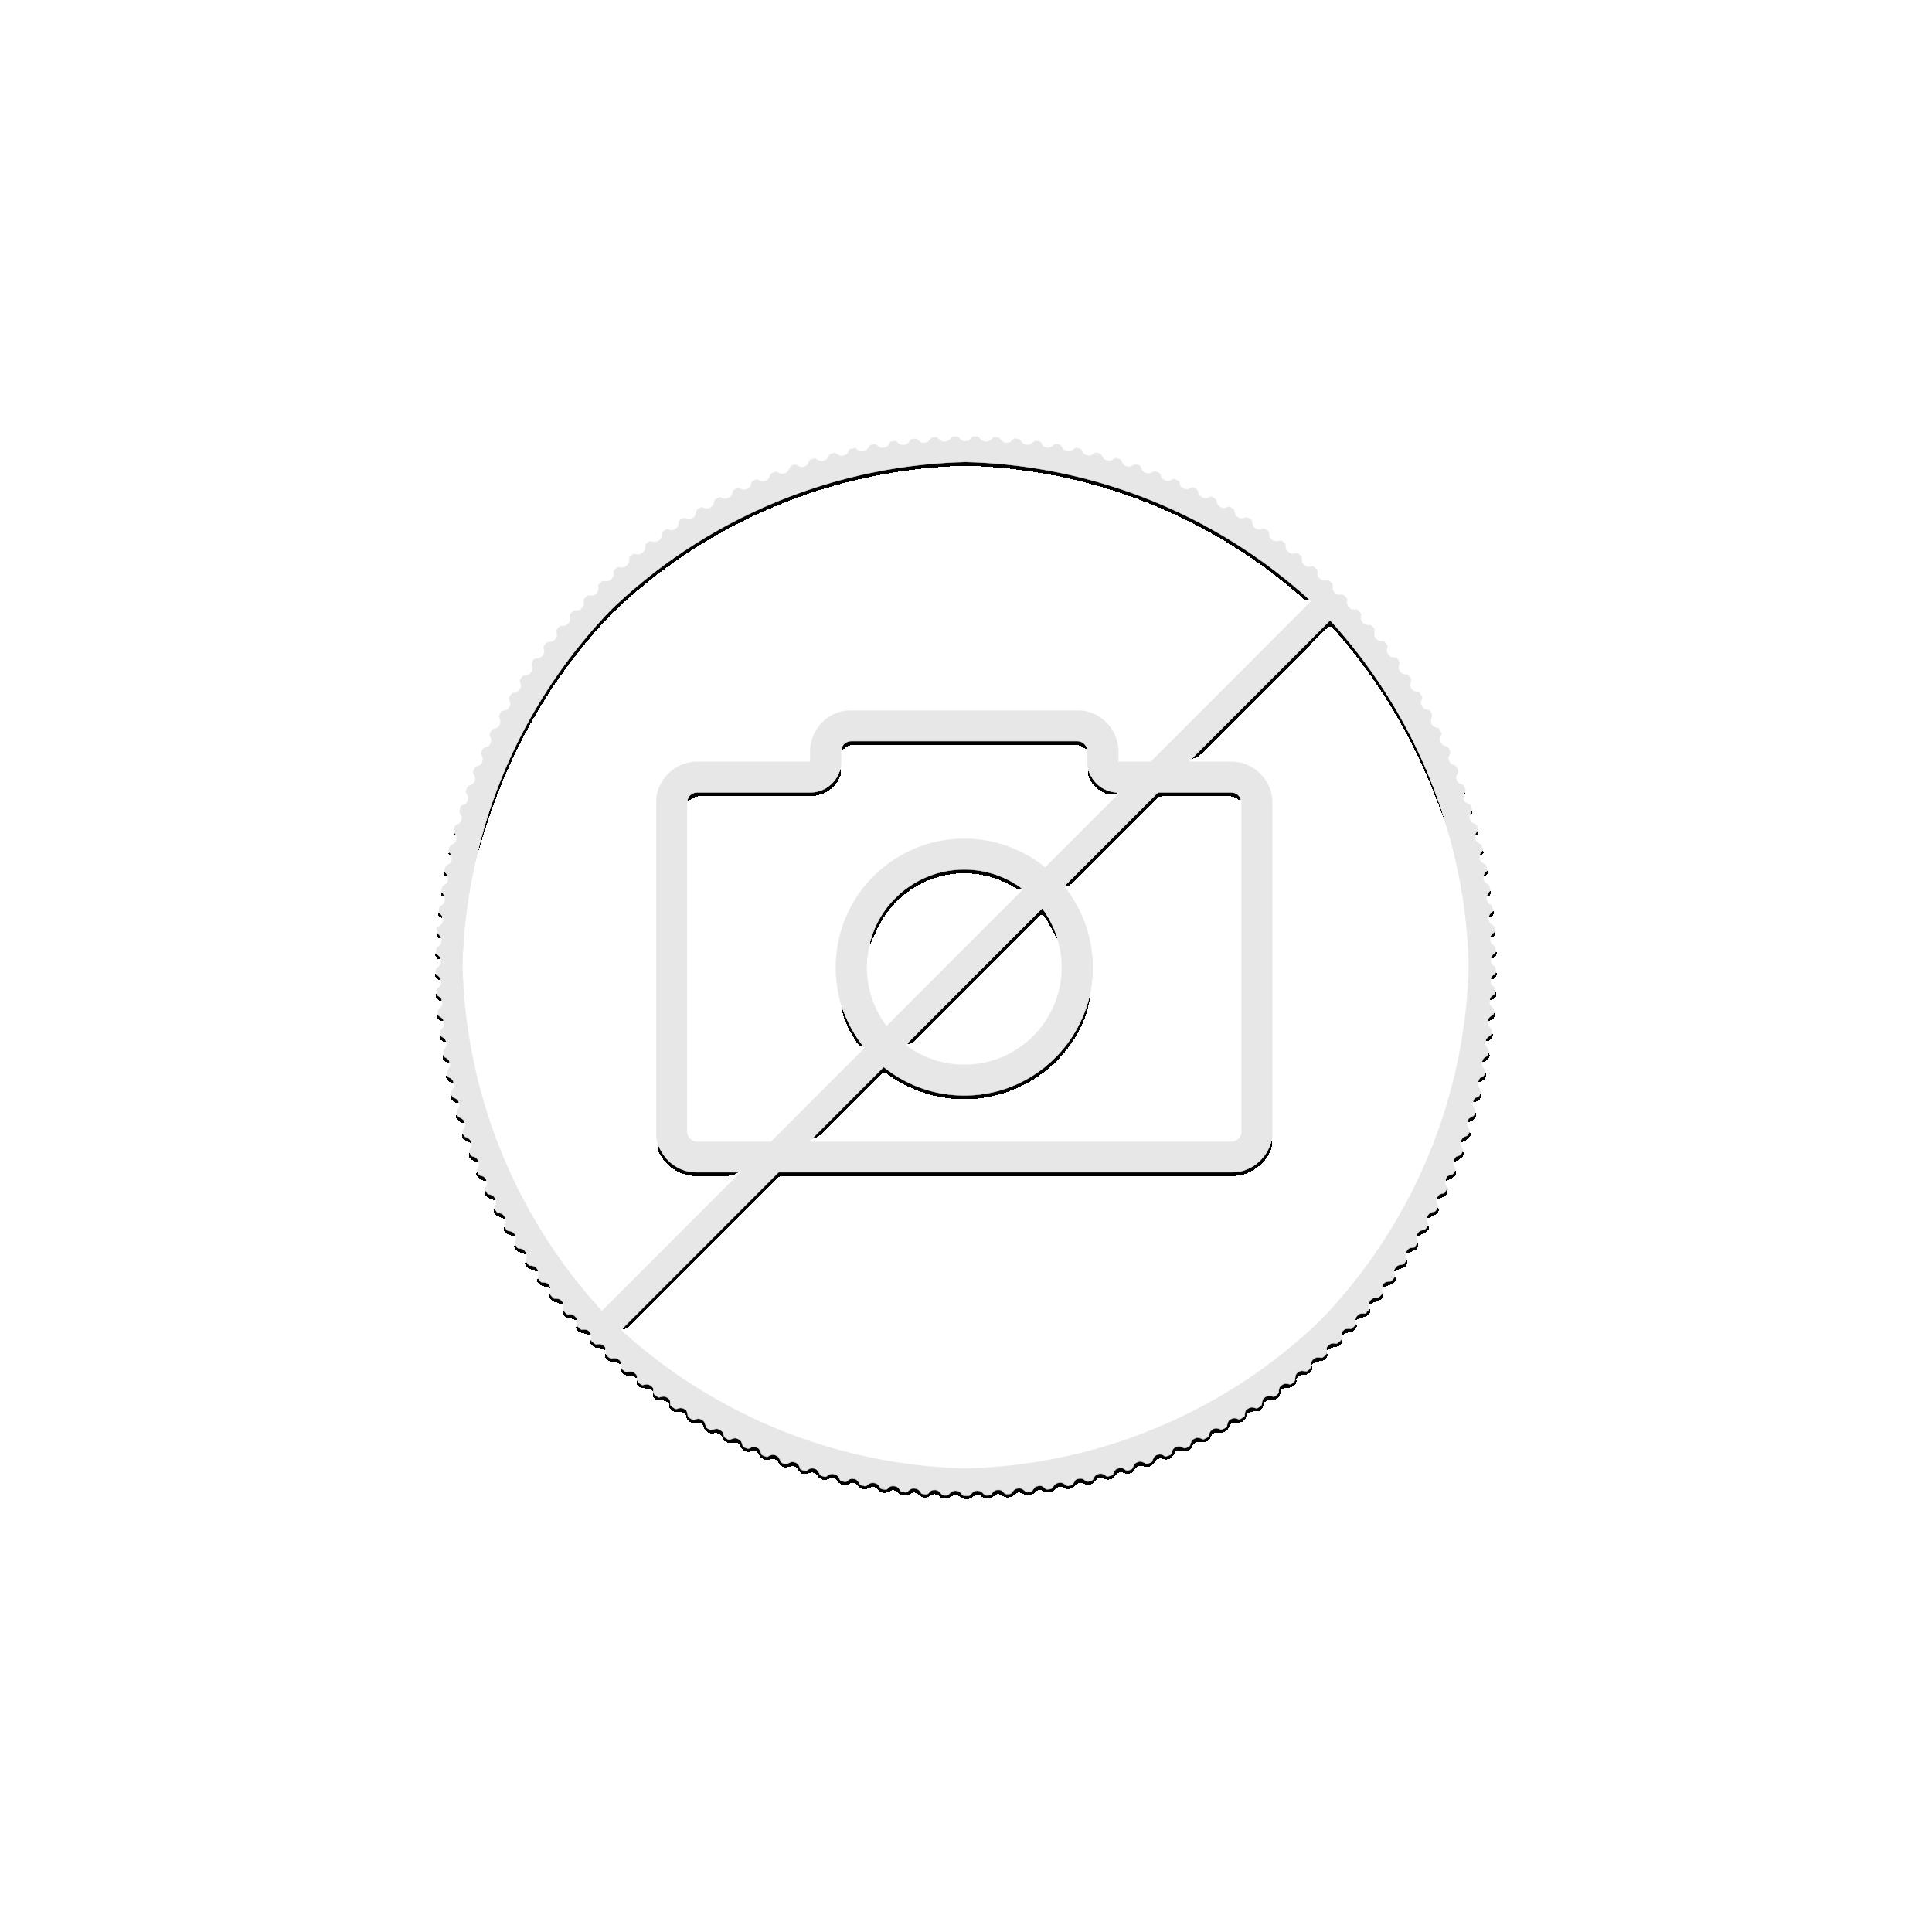 2 troy ounce zilveren munt zwarte panter 2020 - Proof